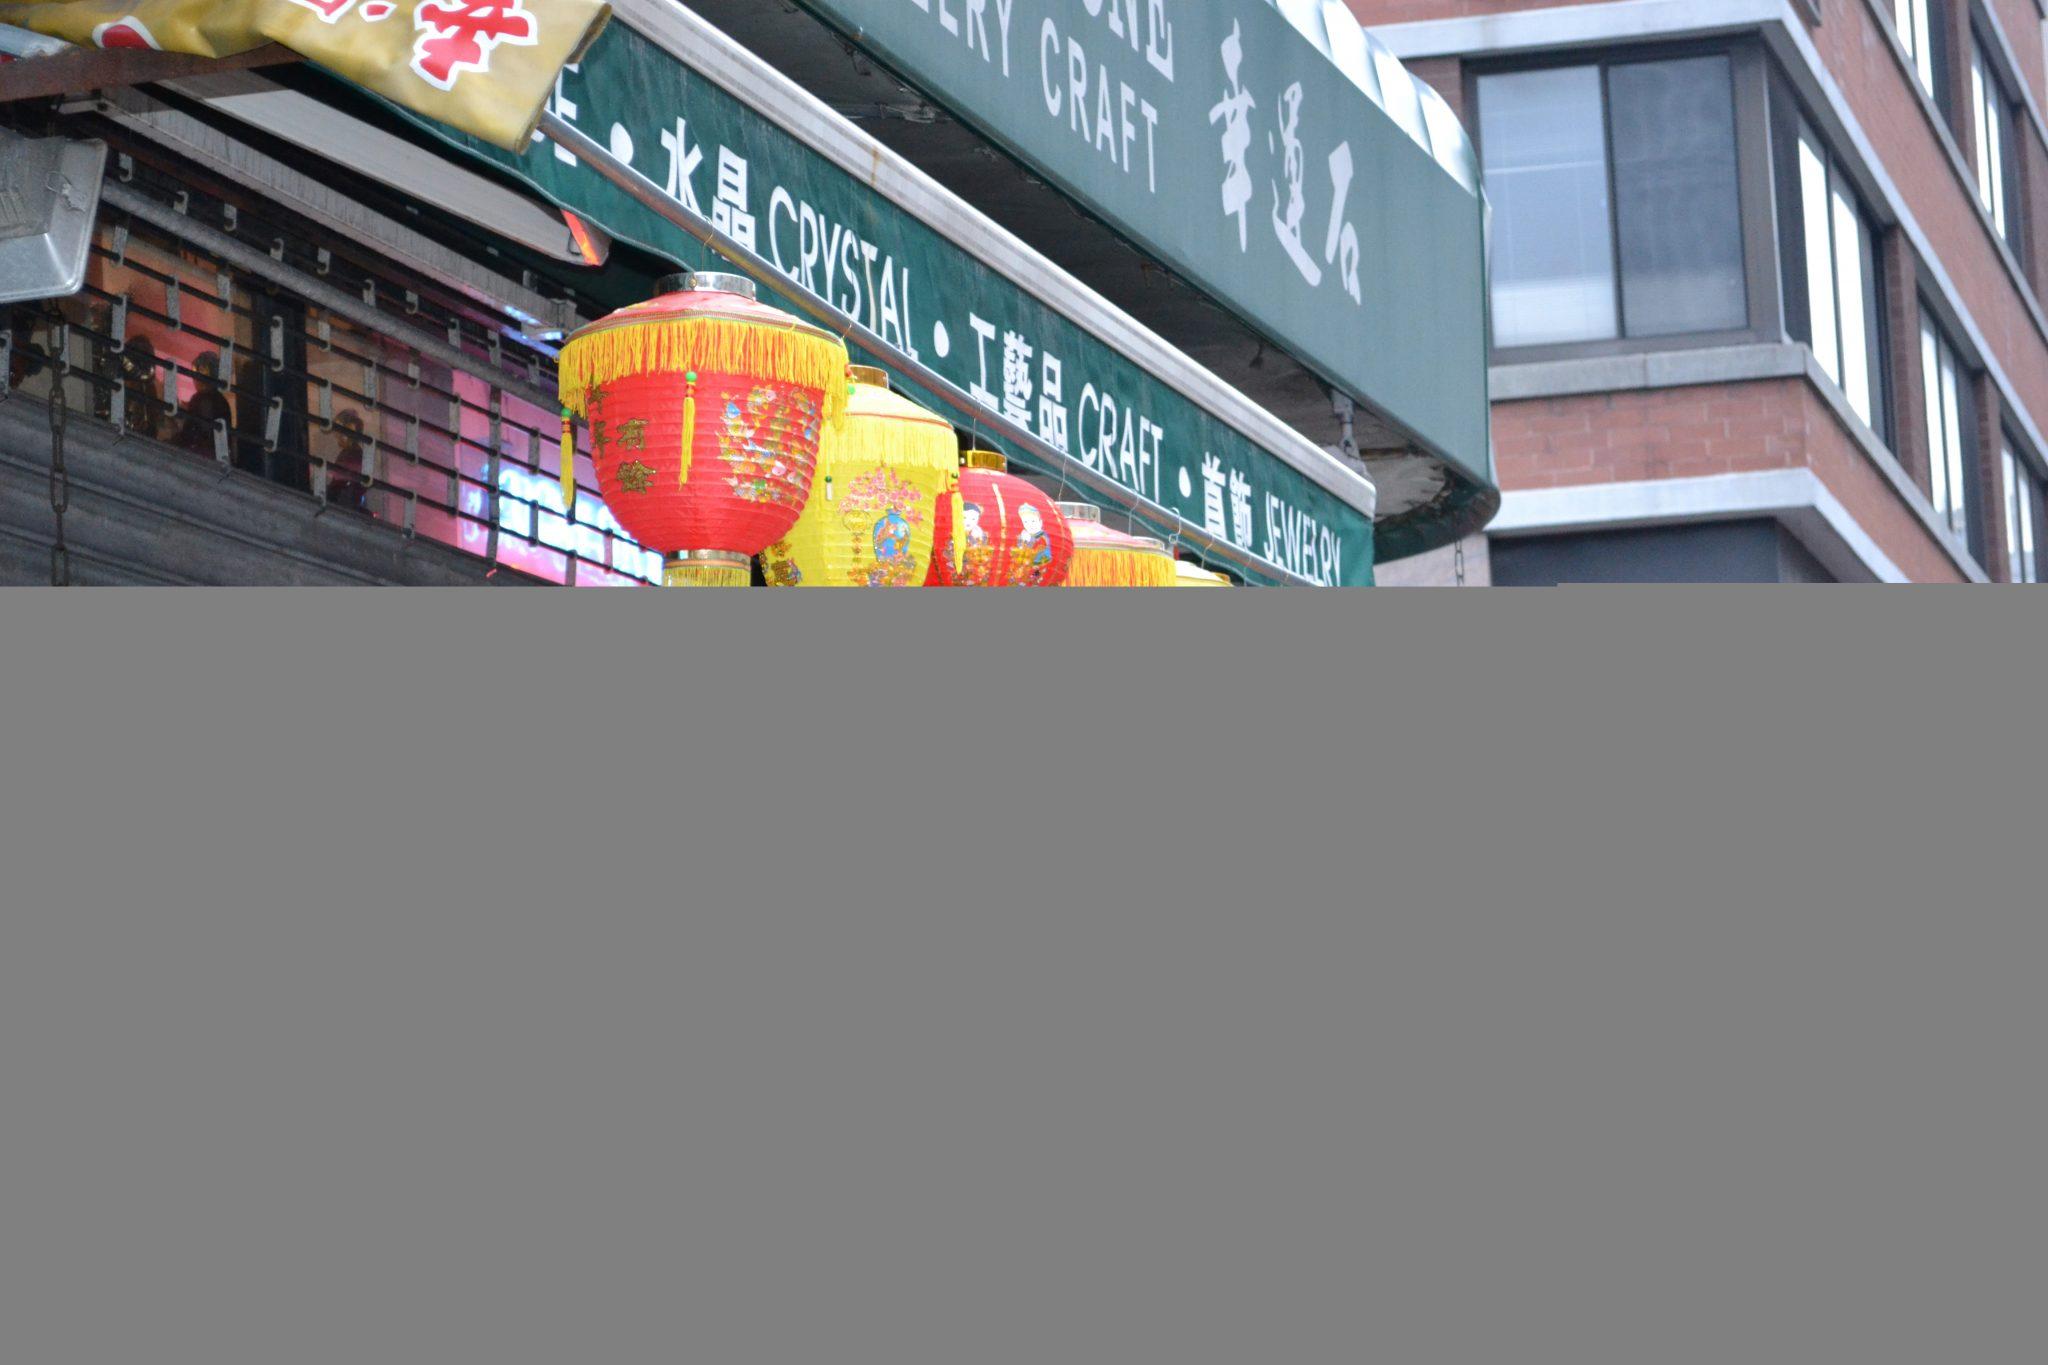 Eine Woche in New York: Neighbourhoodwalk China Town - dsc 0548